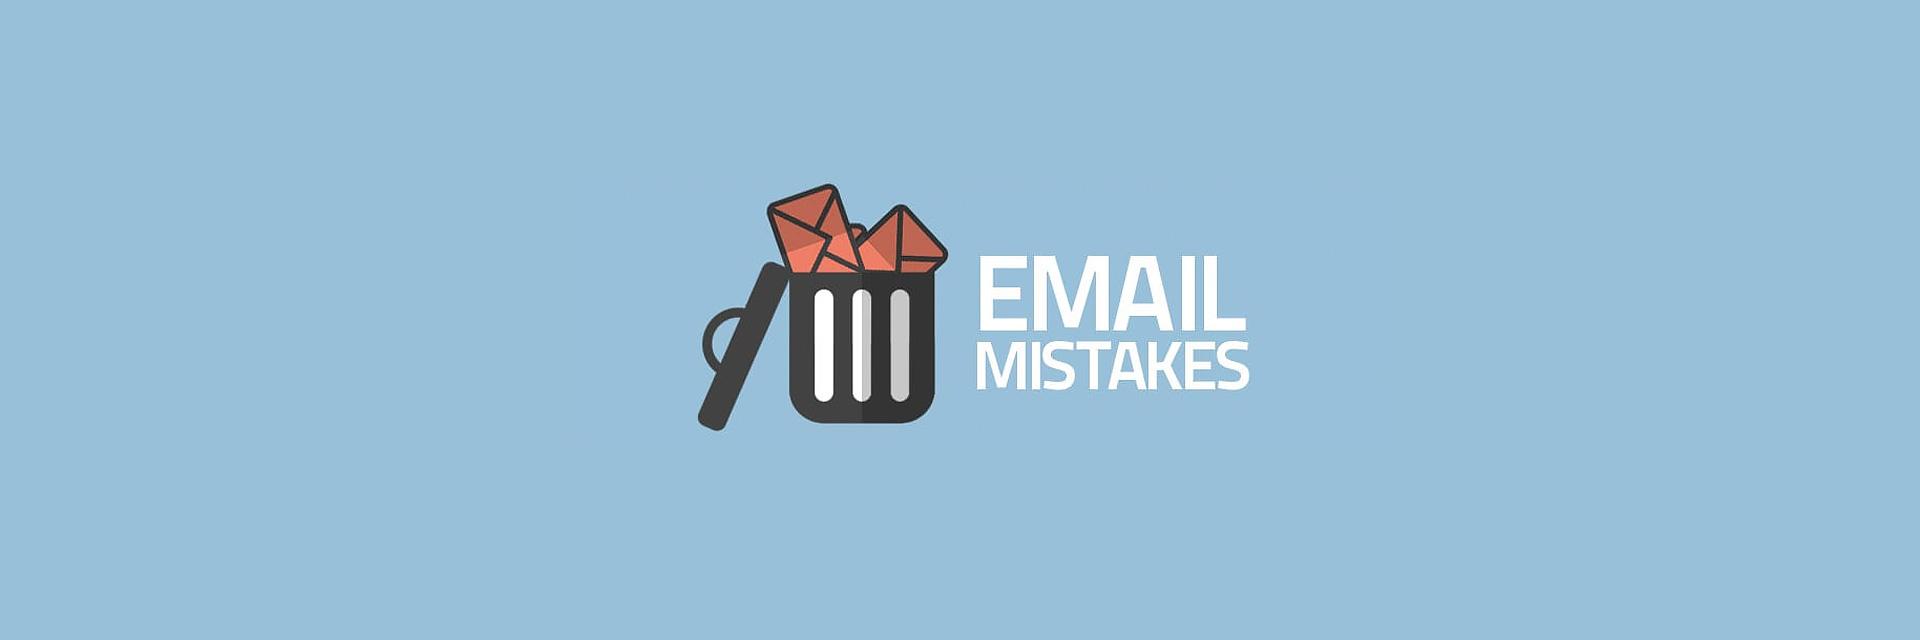 2020年你应该在发送开发信时避免的13个错误